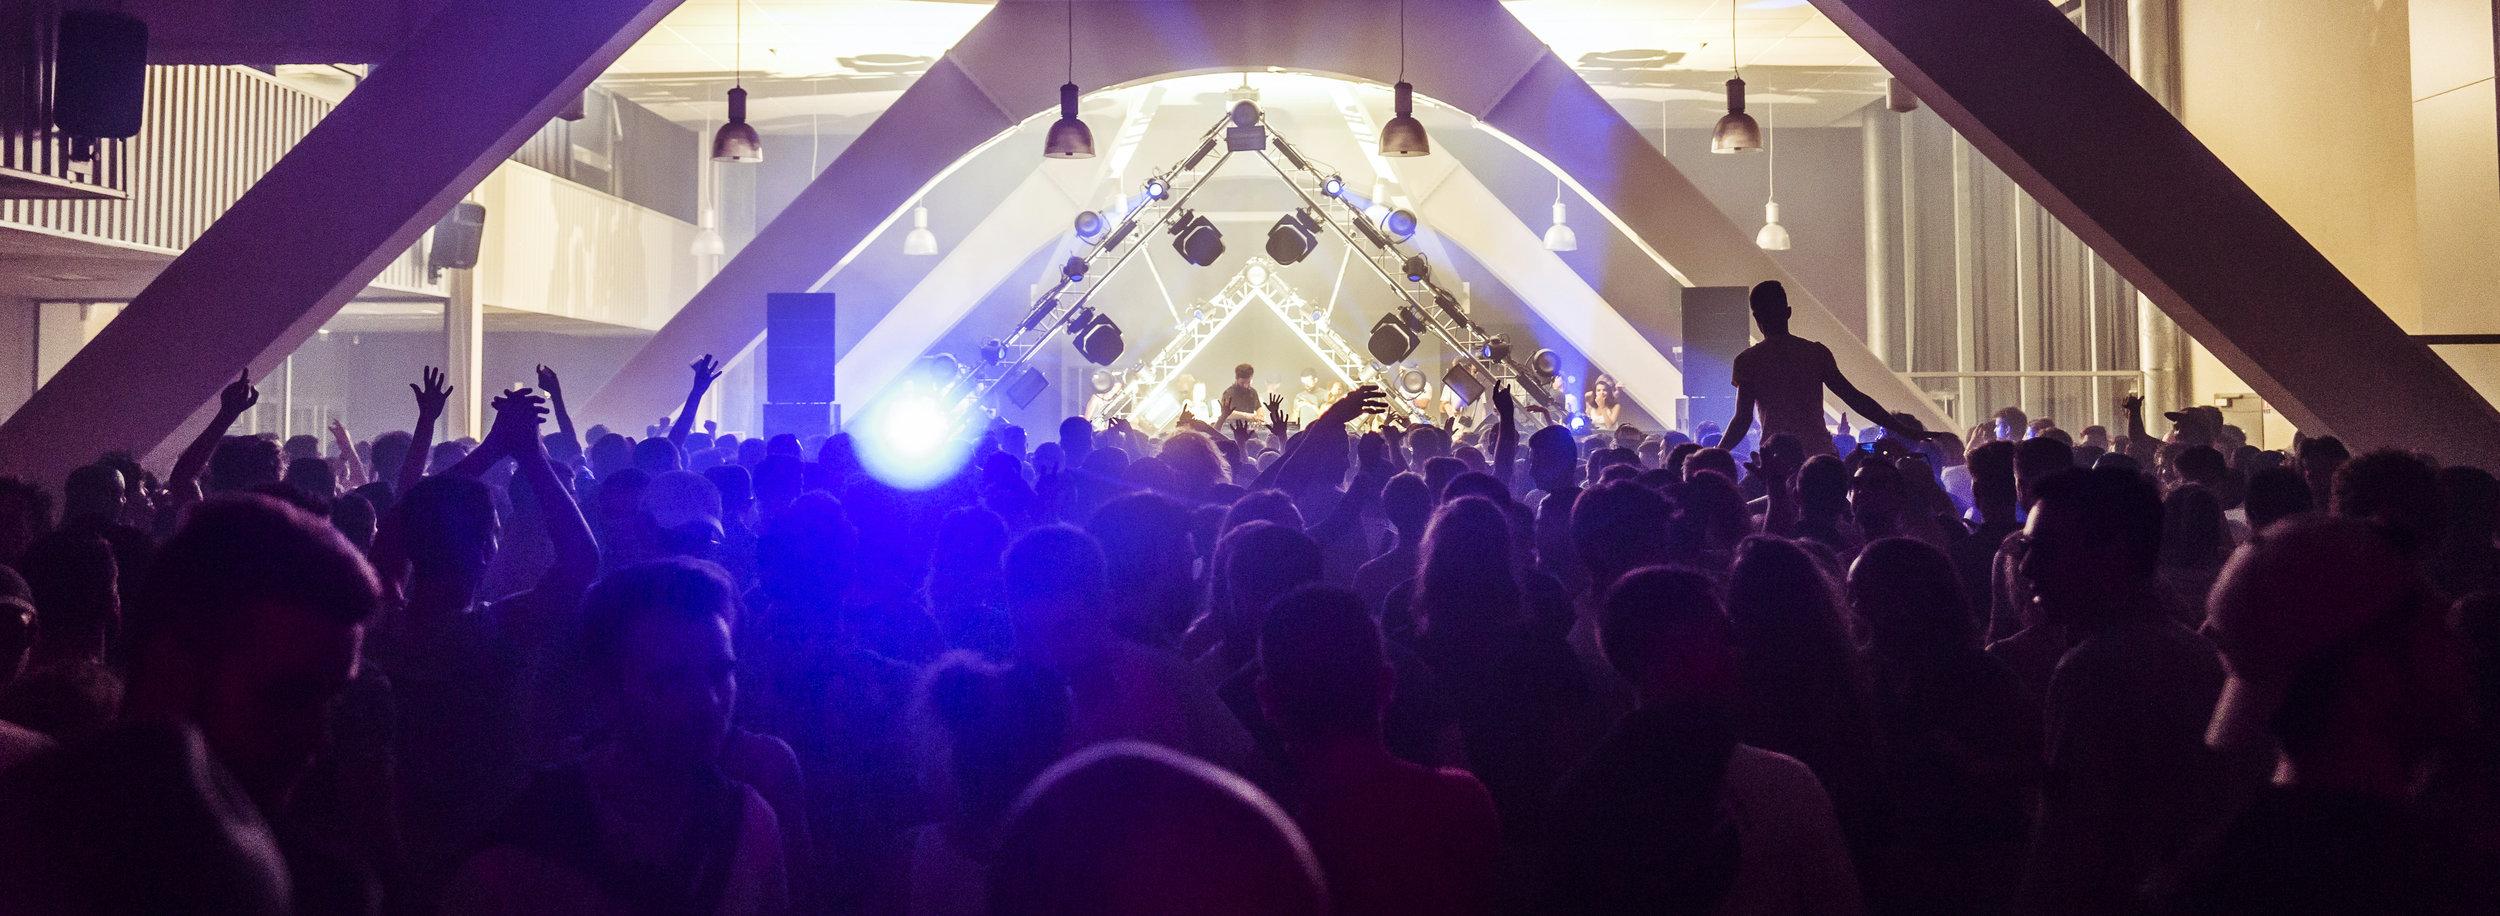 Marst @ FMR Festival, Pornichet